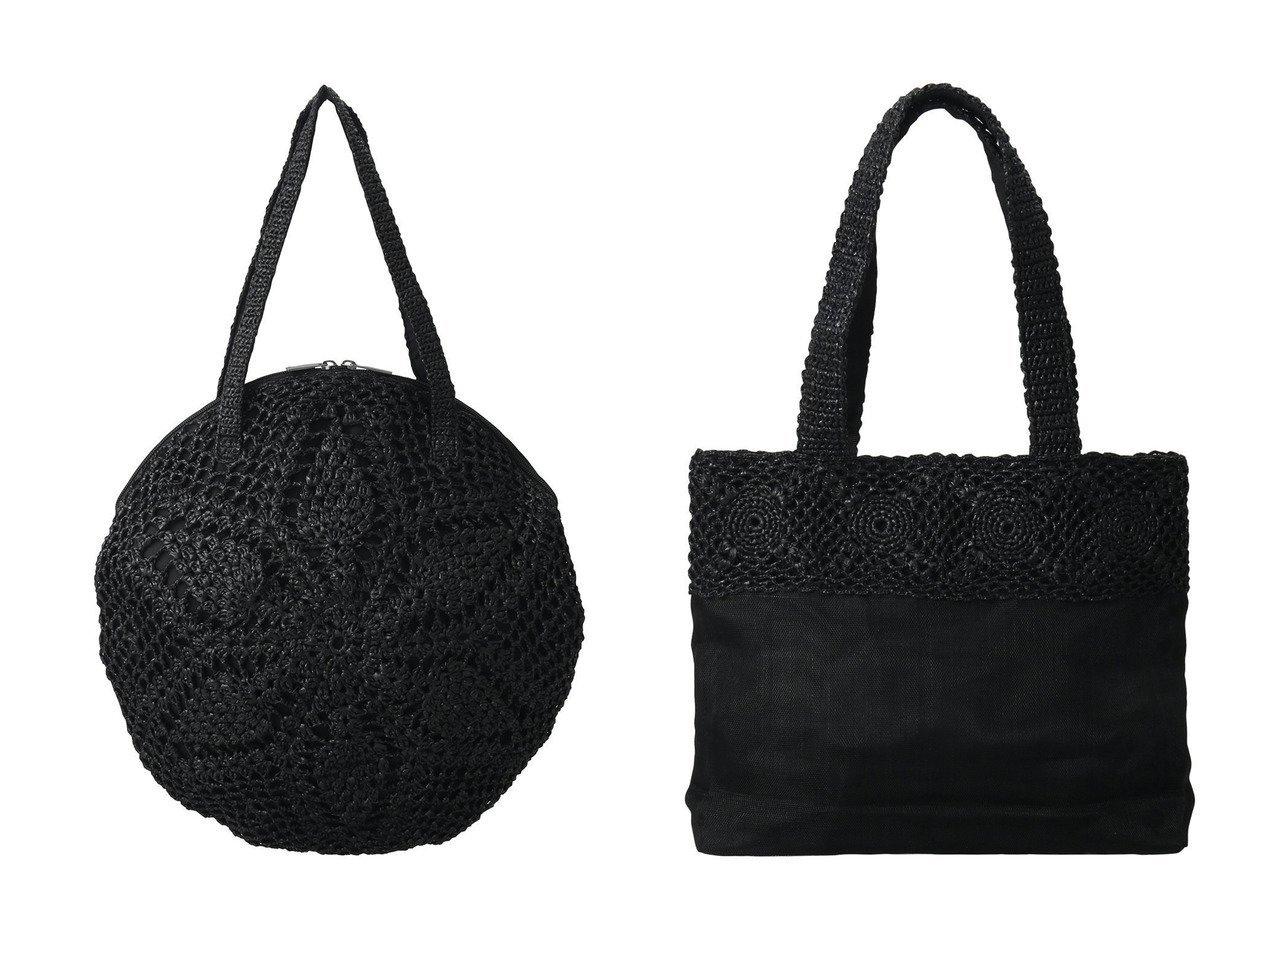 【PLAIN PEOPLE/プレインピープル】の【SMATERIA】サークル型トートバッグ&【SMATERIA】トートバッグ 【バッグ・鞄】おすすめ!人気、トレンド・レディースファッションの通販 おすすめで人気の流行・トレンド、ファッションの通販商品 インテリア・家具・メンズファッション・キッズファッション・レディースファッション・服の通販 founy(ファニー) https://founy.com/ ファッション Fashion レディースファッション WOMEN バッグ Bag サークル タオル フォルム リゾート コンパクト スリム フォーマル ポケット  ID:crp329100000047562